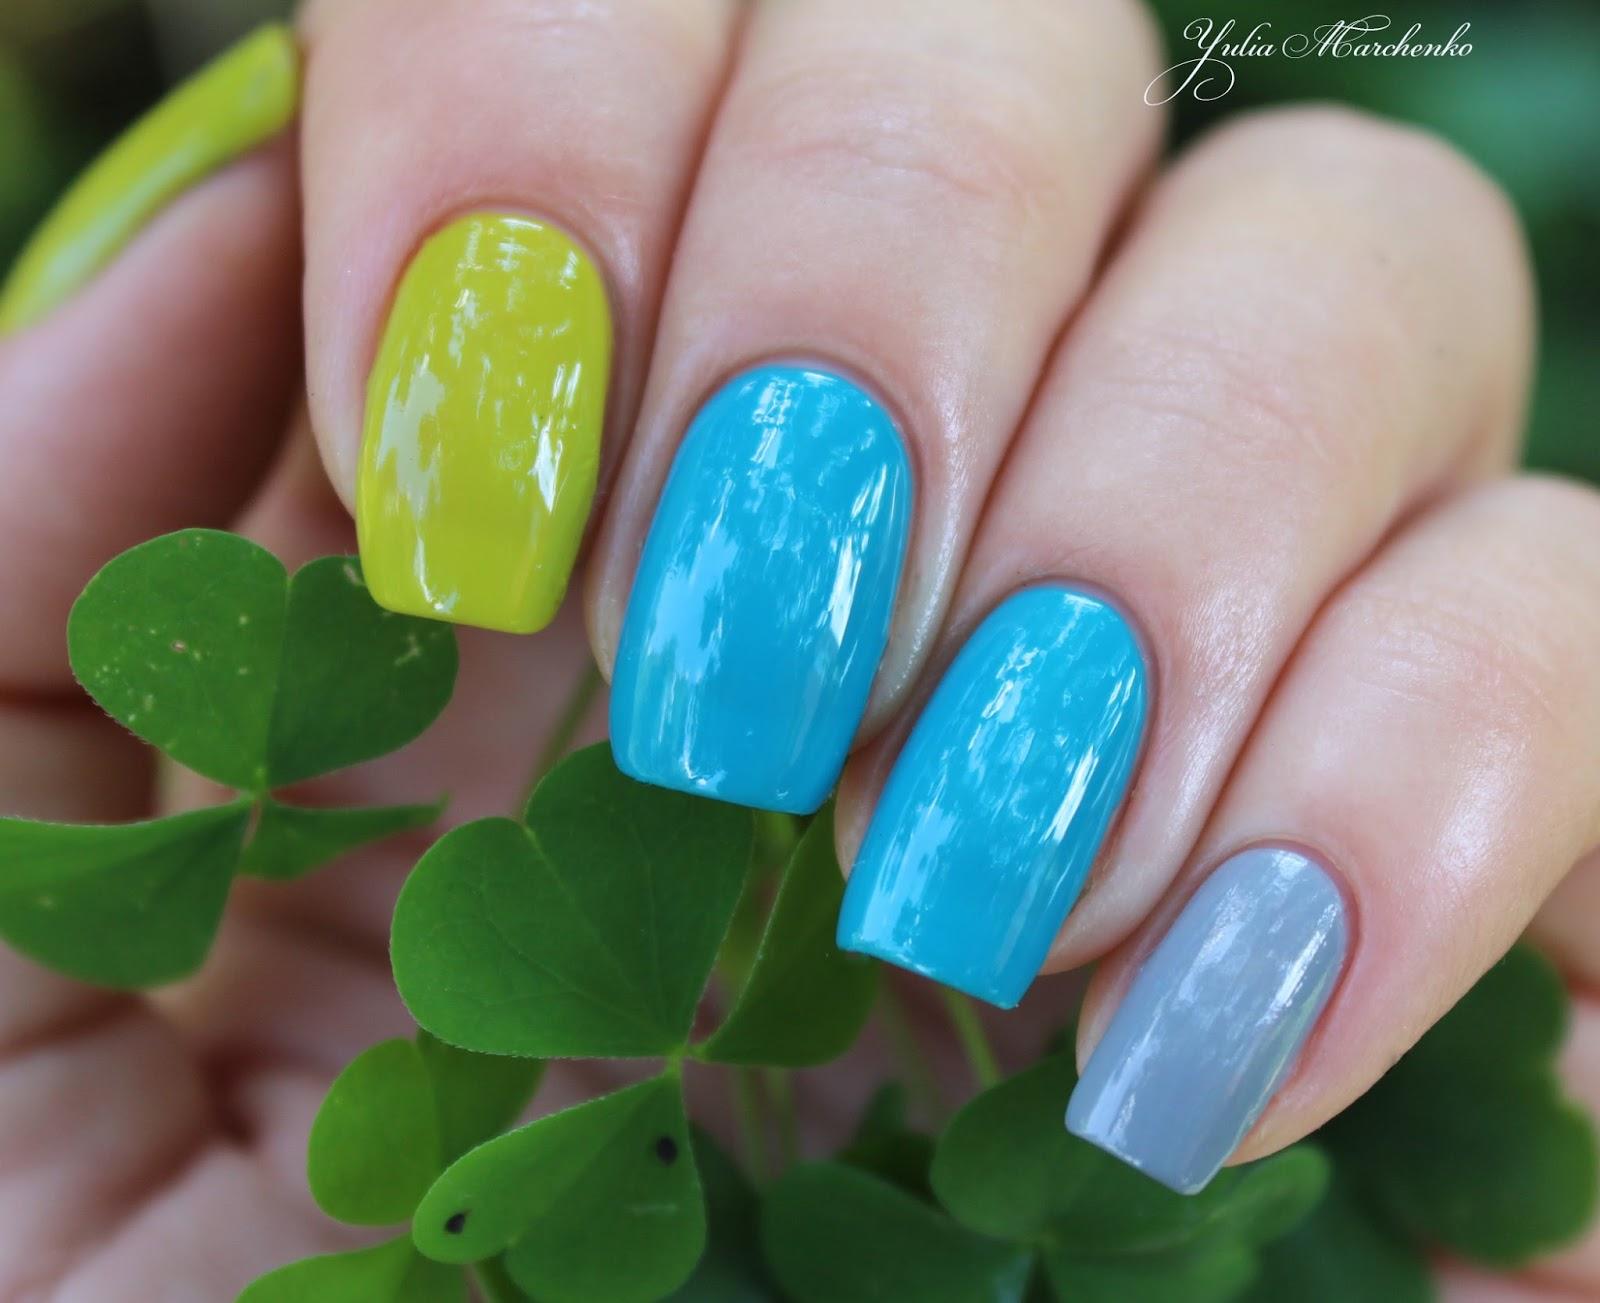 Сочетания цветов в лаках для ногтей